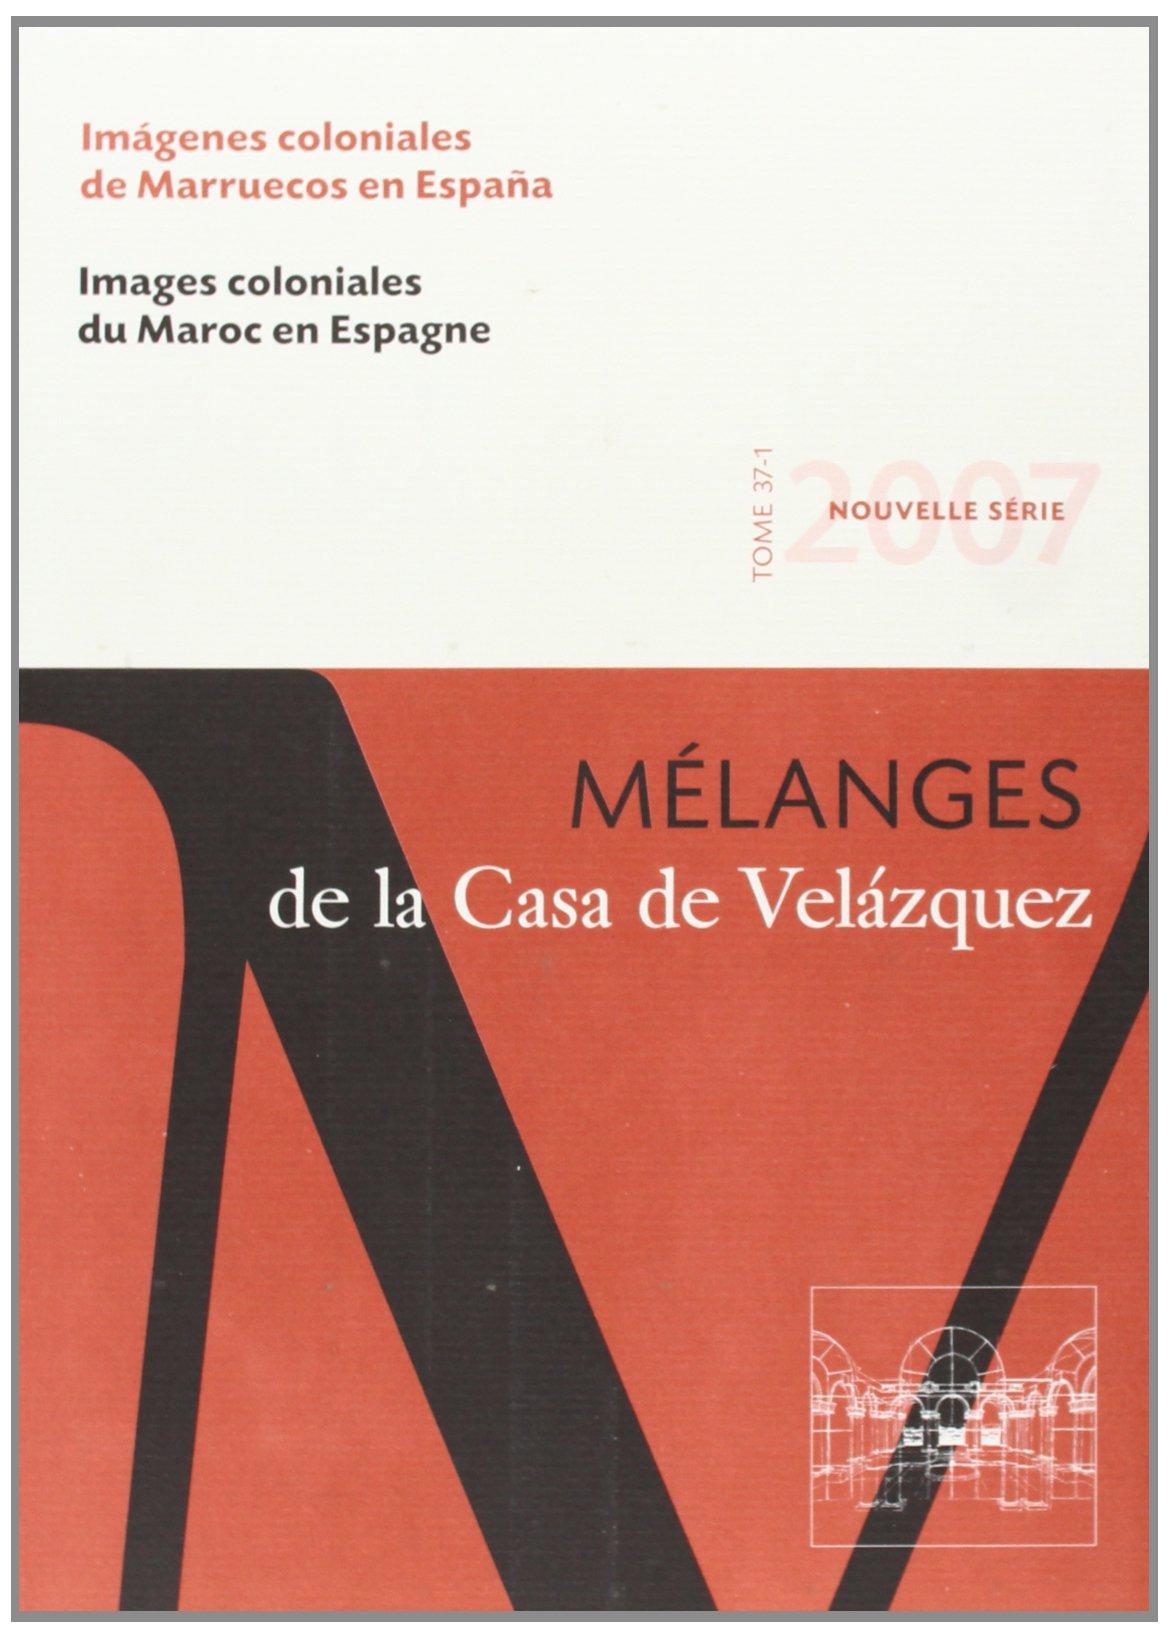 Imágenes coloniales de Marruecos en España: Mélanges de la Casa de Velázquez 37-1: Amazon.es: Arias Anglés, Enrique . . . [et al. ]: Libros